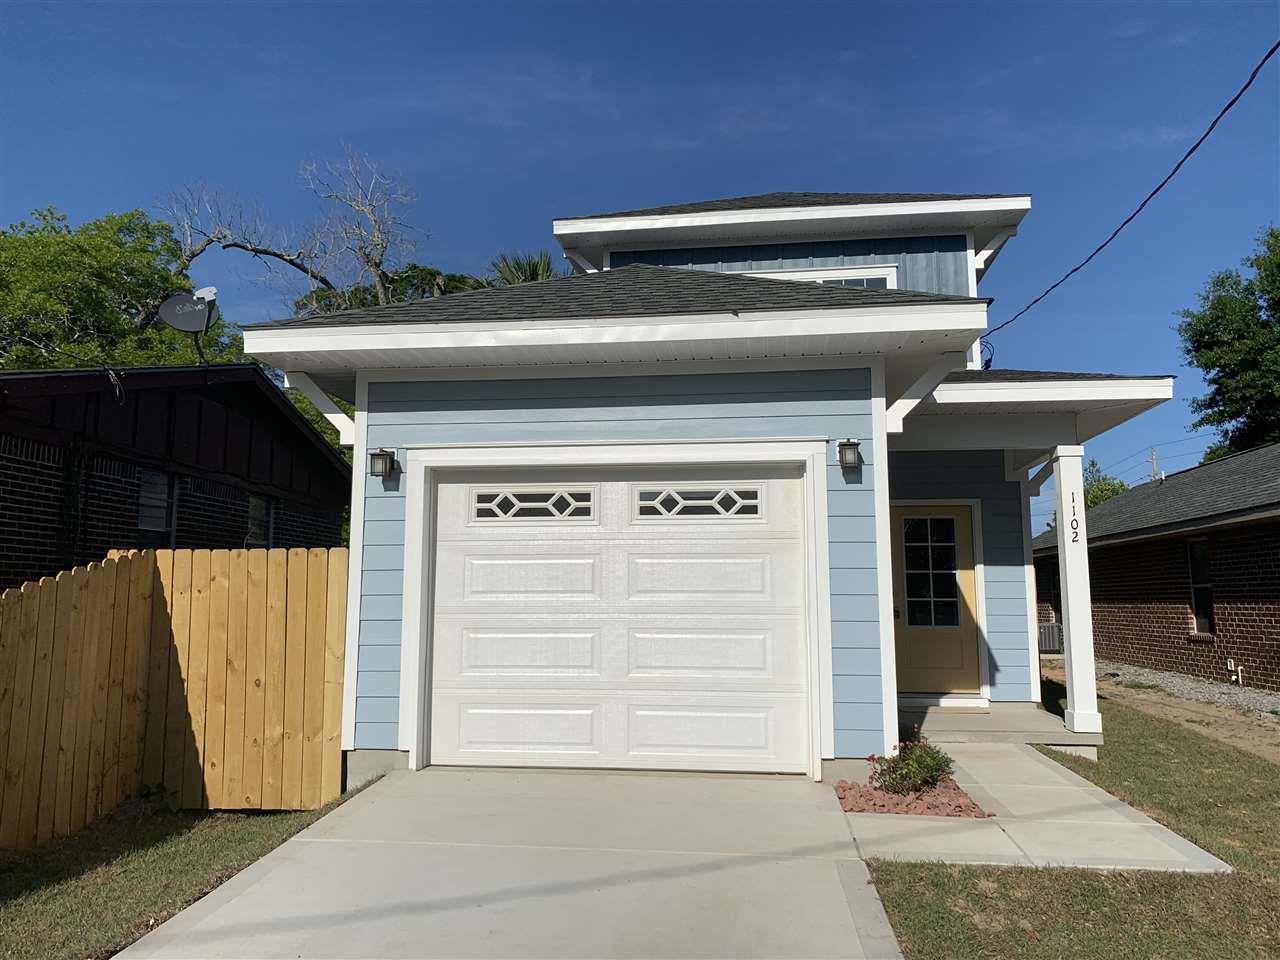 1102 N 7TH AVE, Pensacola, Florida